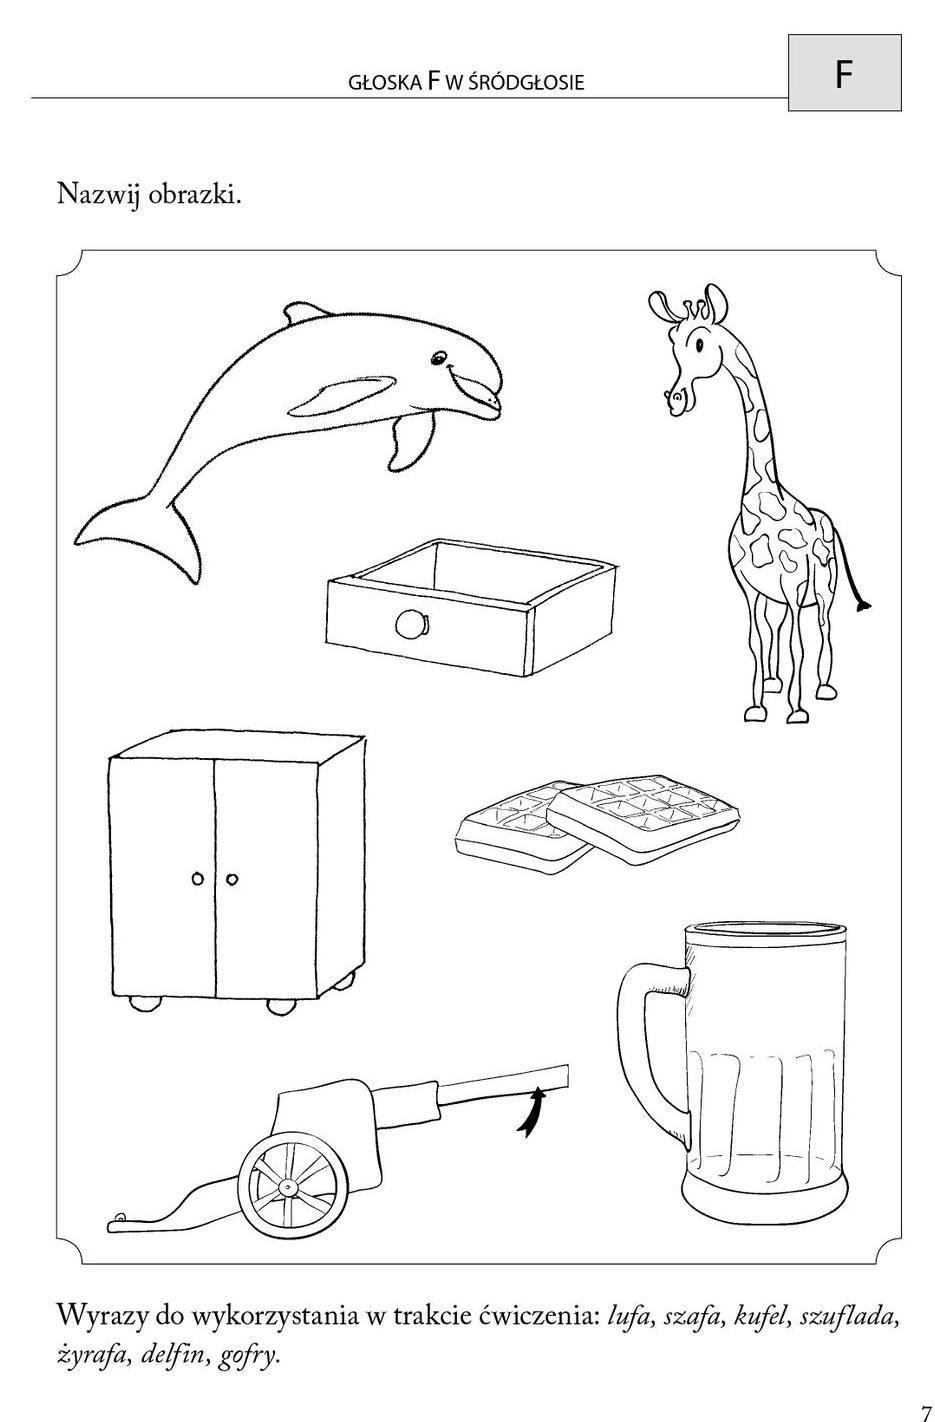 Obrazkowe Cwiczenia Logopedyczne Dla Przedszkolakow Sketchnotes Hand Lettering Lettering